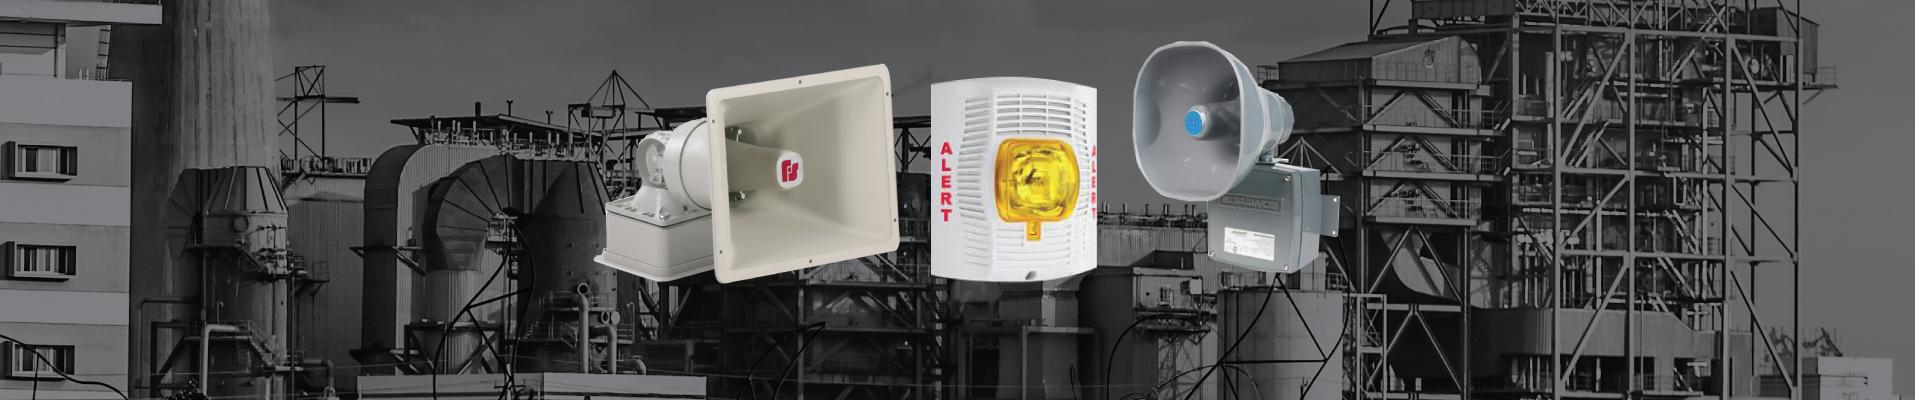 Sistemas de prevención contra incendios para industrias